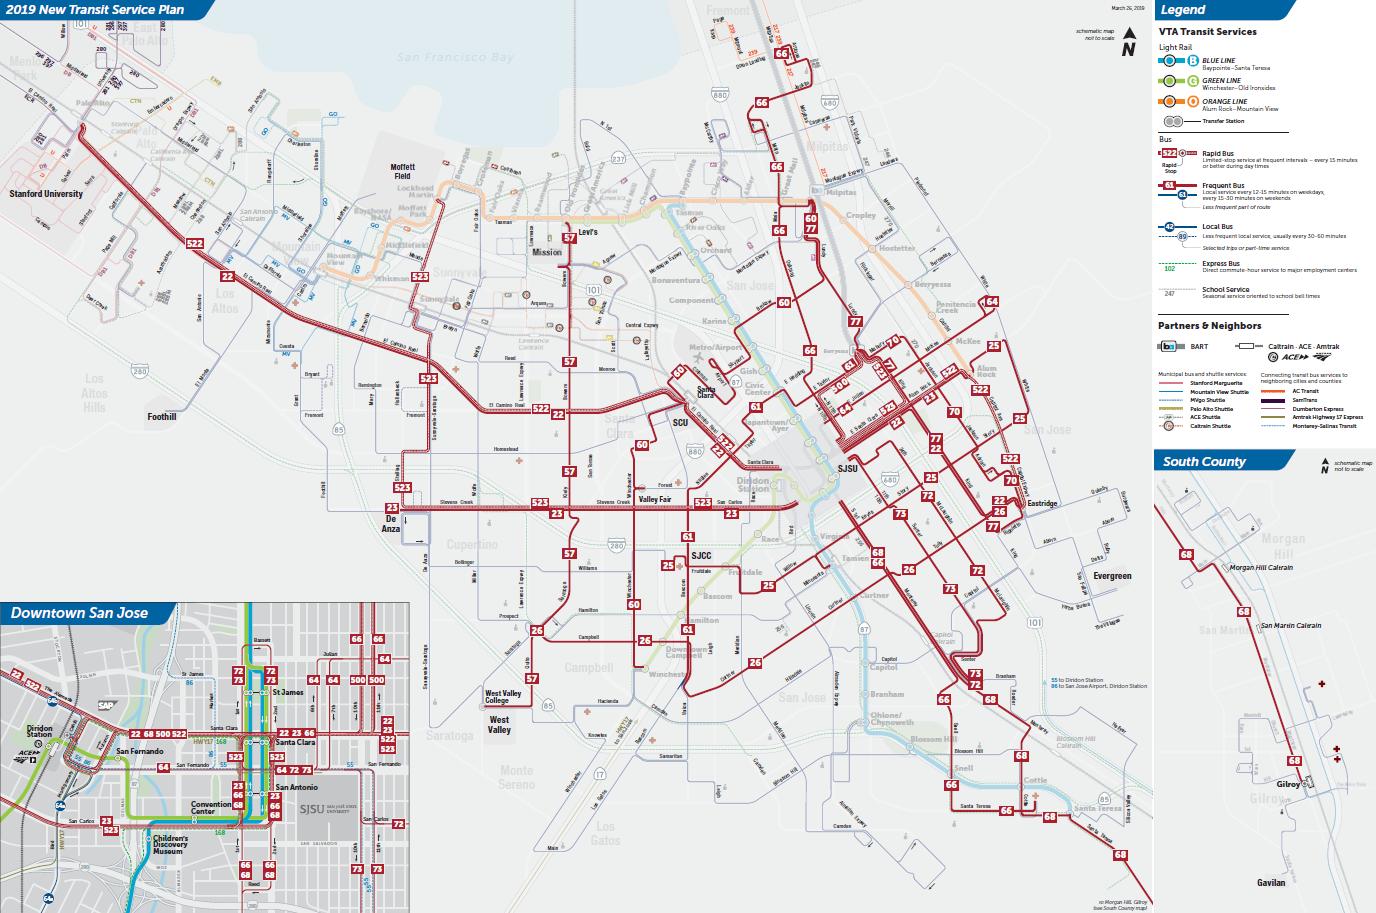 Mapa de rutas frecuentes del Nuevo Plan de Servicio de Transporte Público de 2019 definitivo  (PDF)